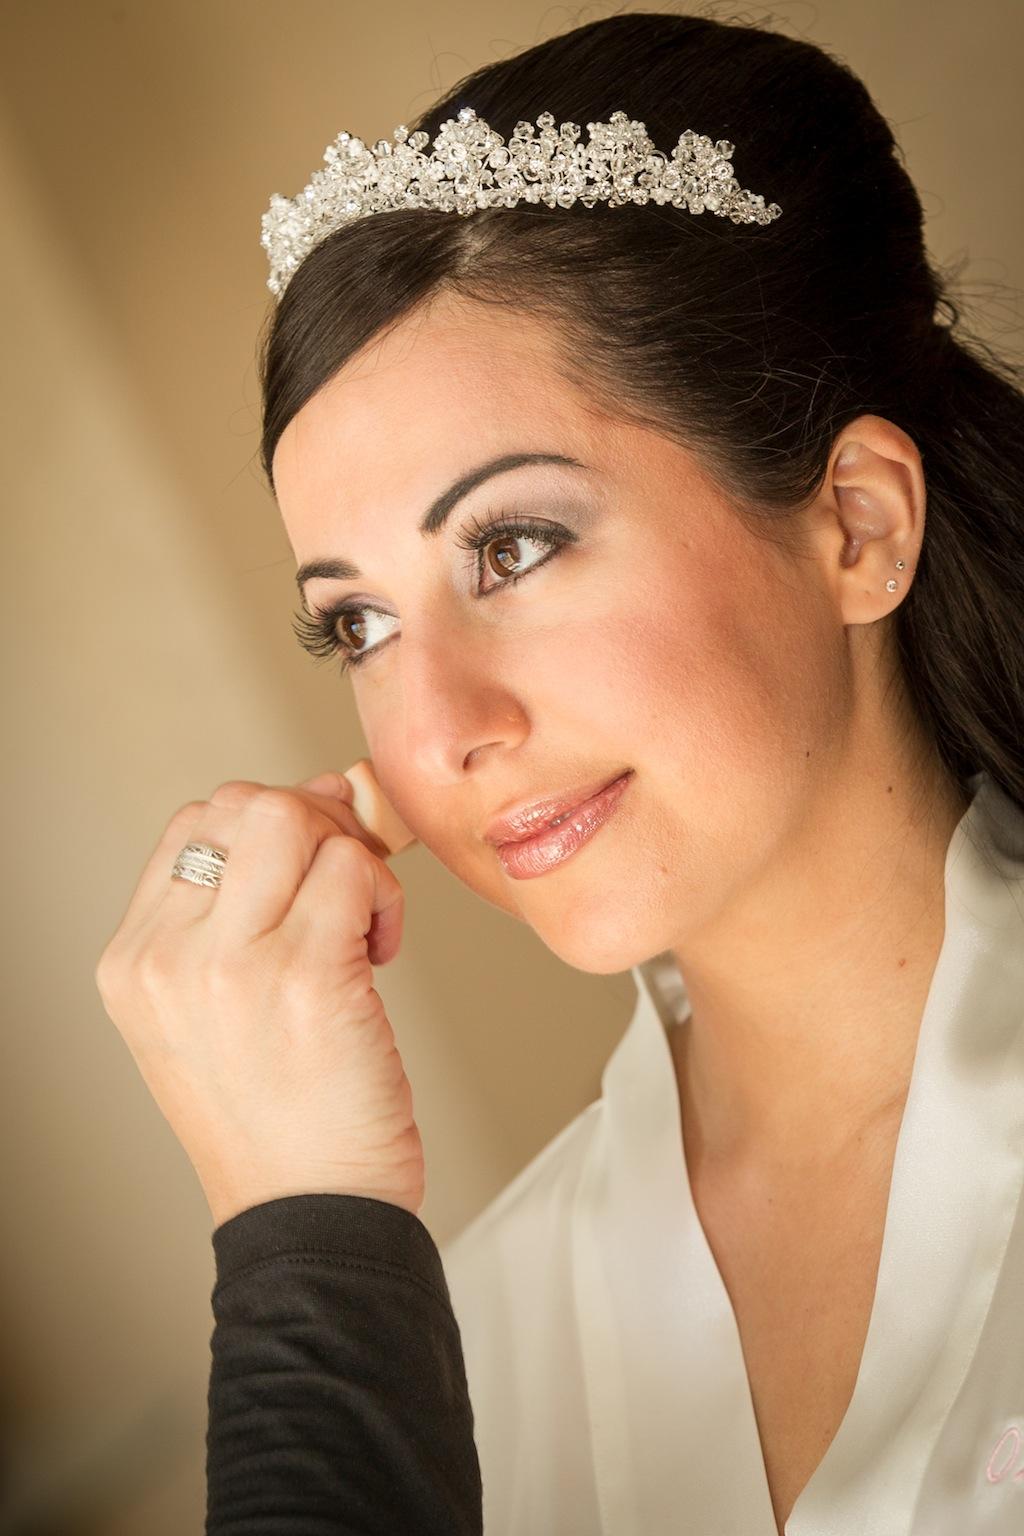 Floridan Palace Wedding, Downtown Tampa - Tampa Wedding Planner Burkle Events & Tampa Wedding Photographer Gary Kaplan Photography (5)